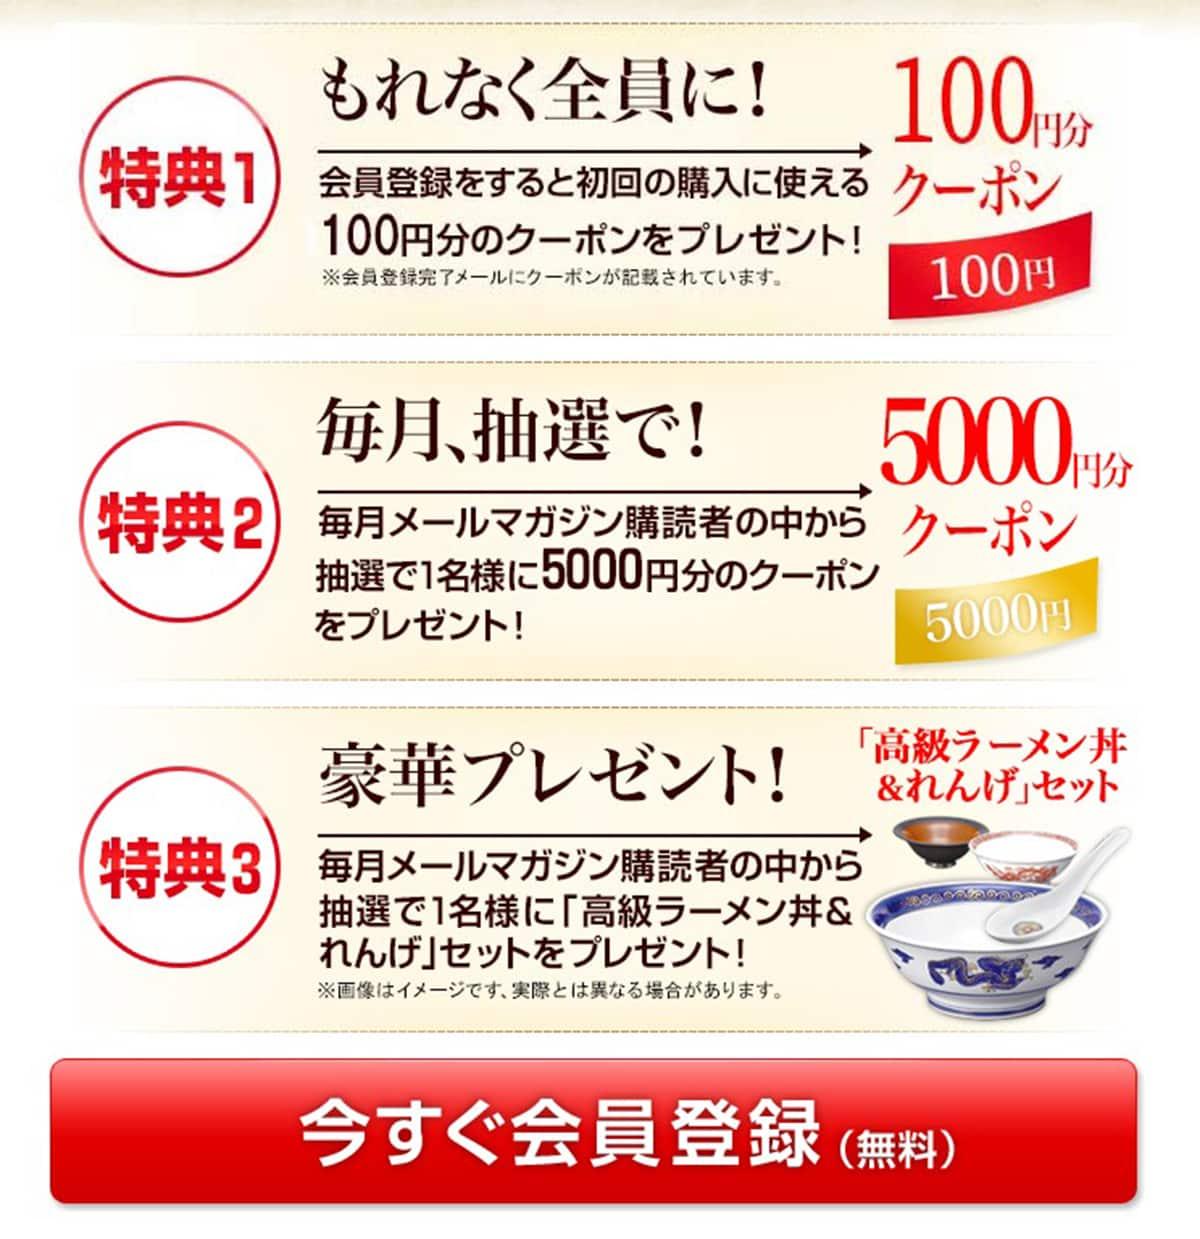 会員登録キャンペーン|宅麺.com